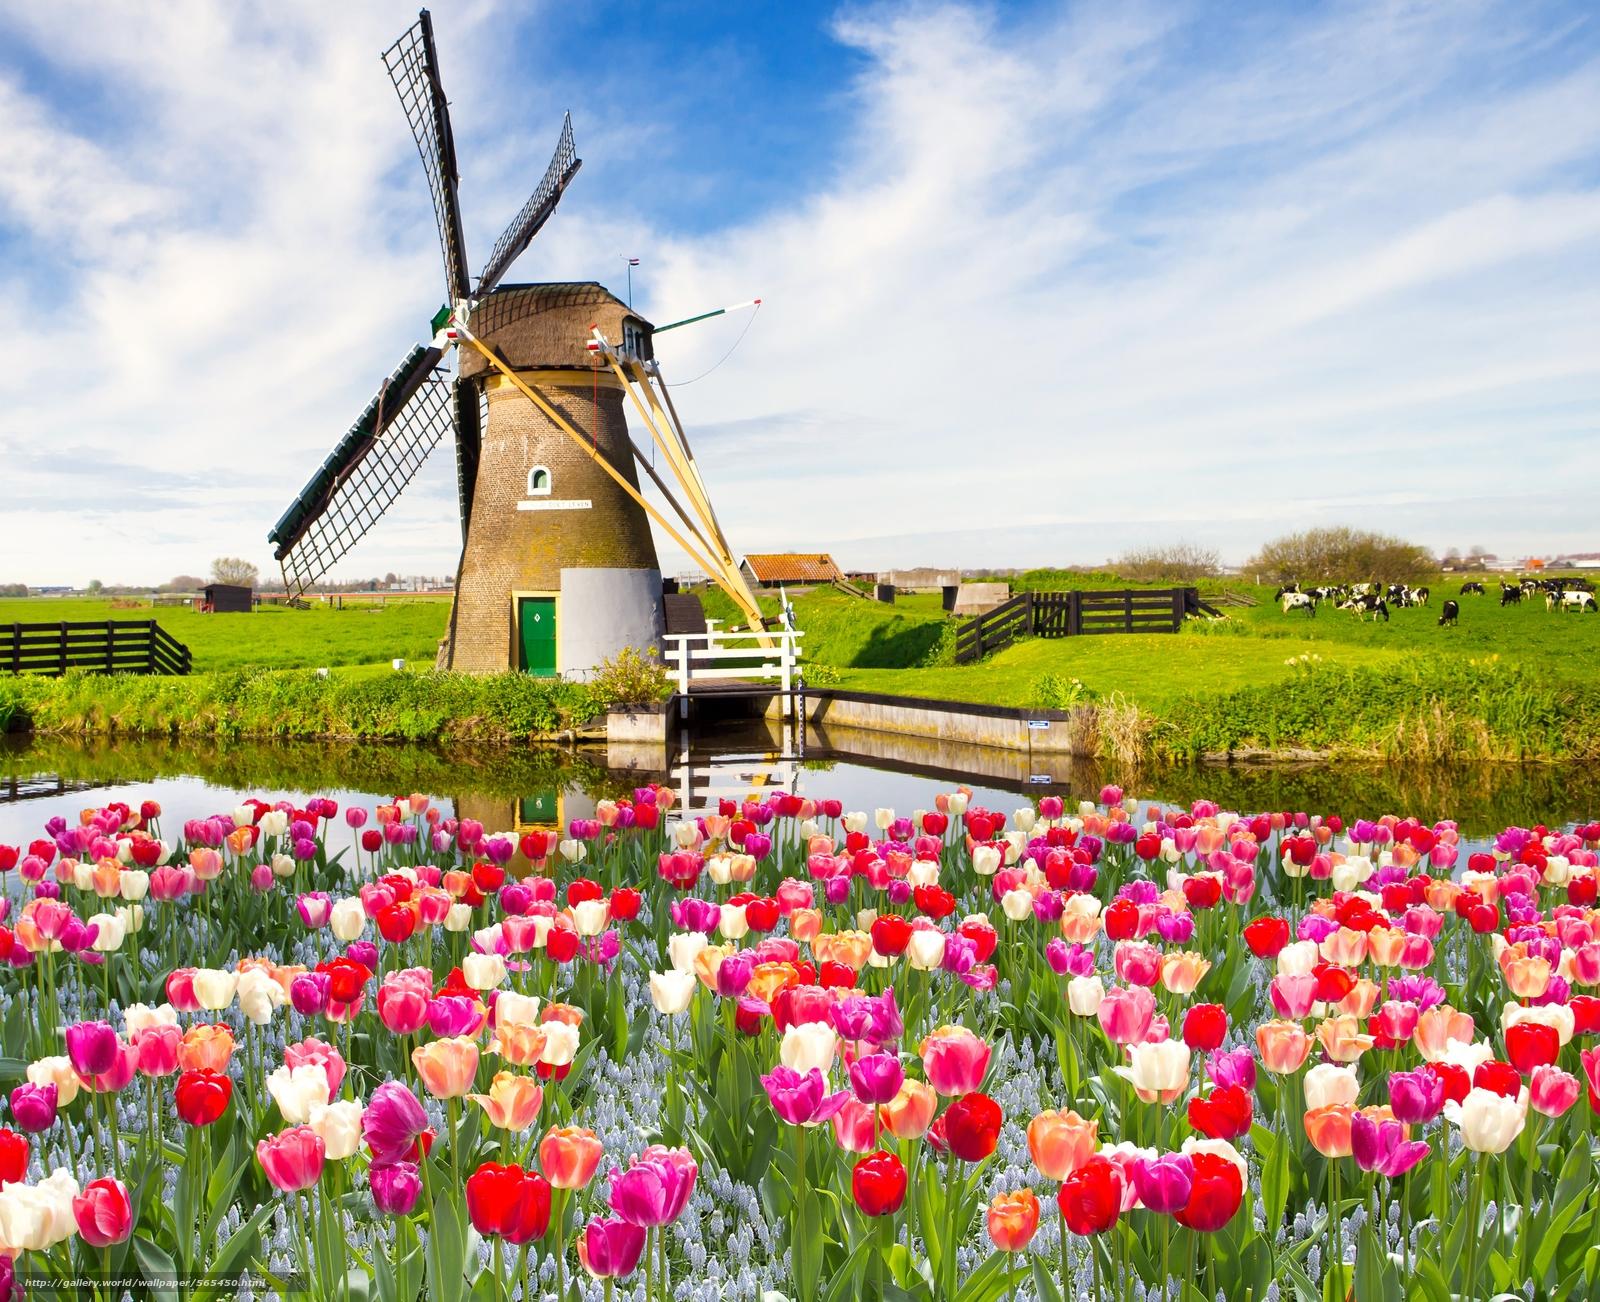 Scaricare gli sfondi paesaggio cielo nuvole primavera for Immagini gratis per desktop primavera